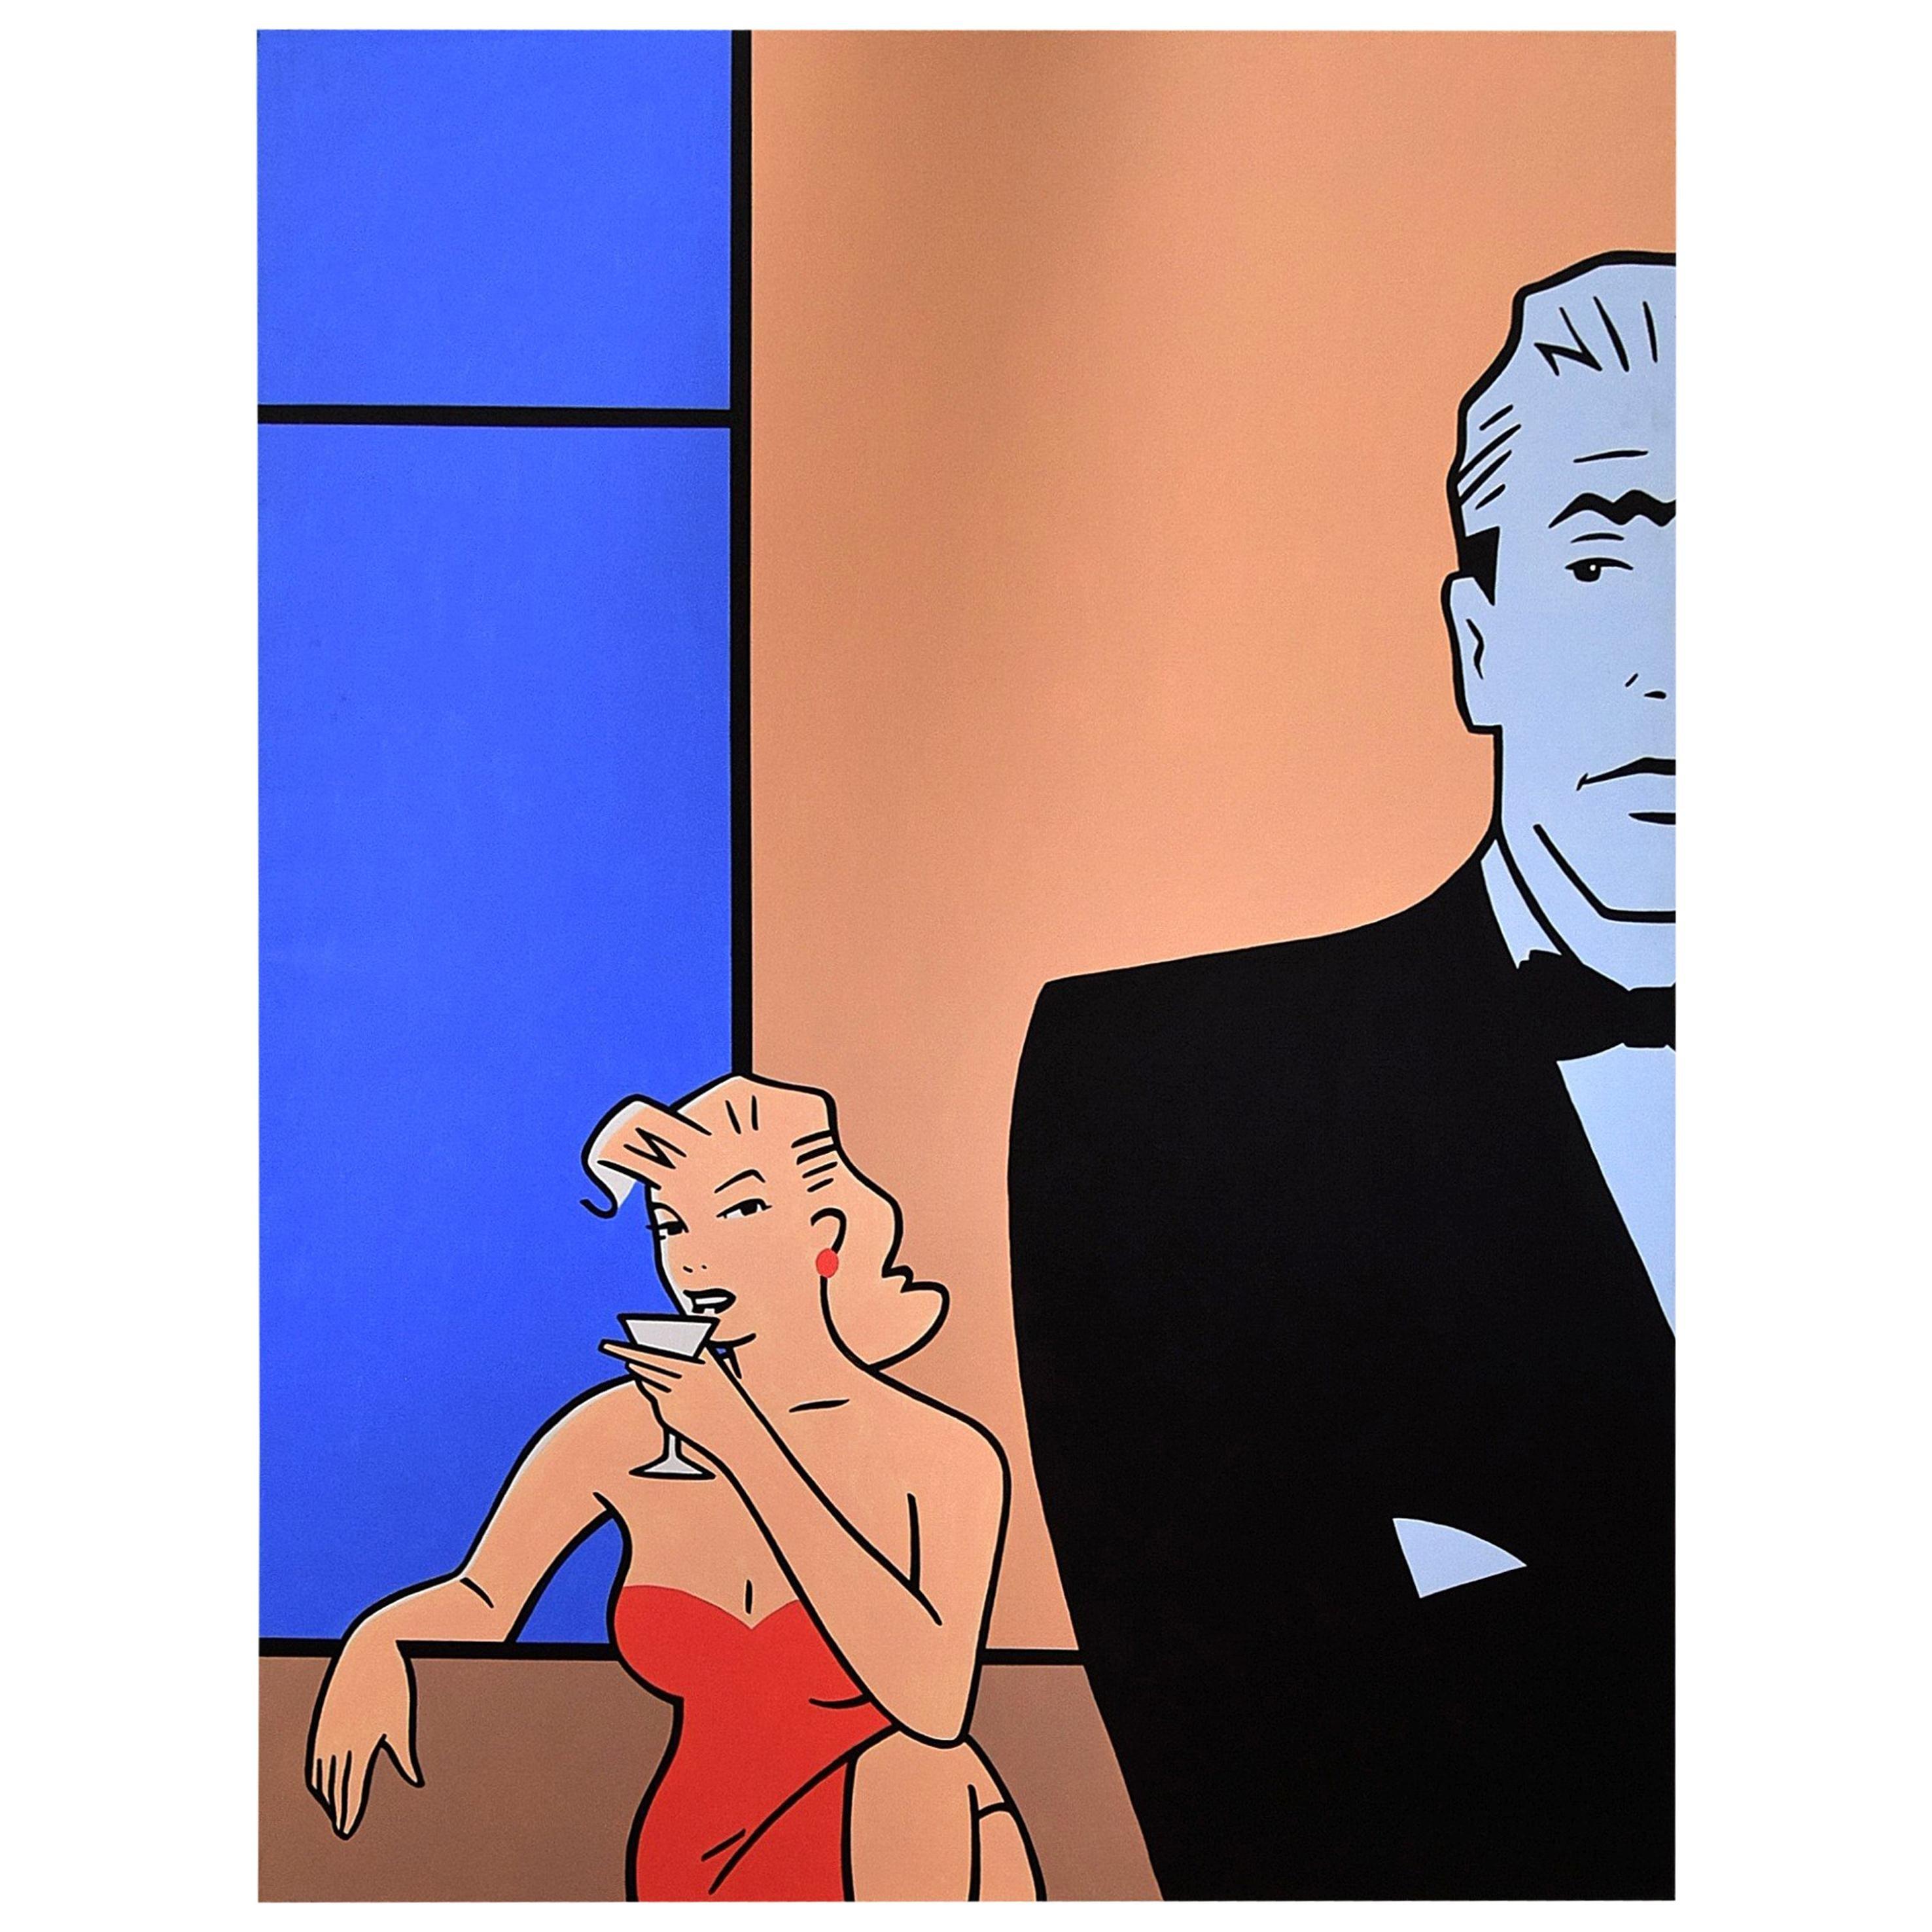 Pop Art painting by Luc Verschuuren, 2001